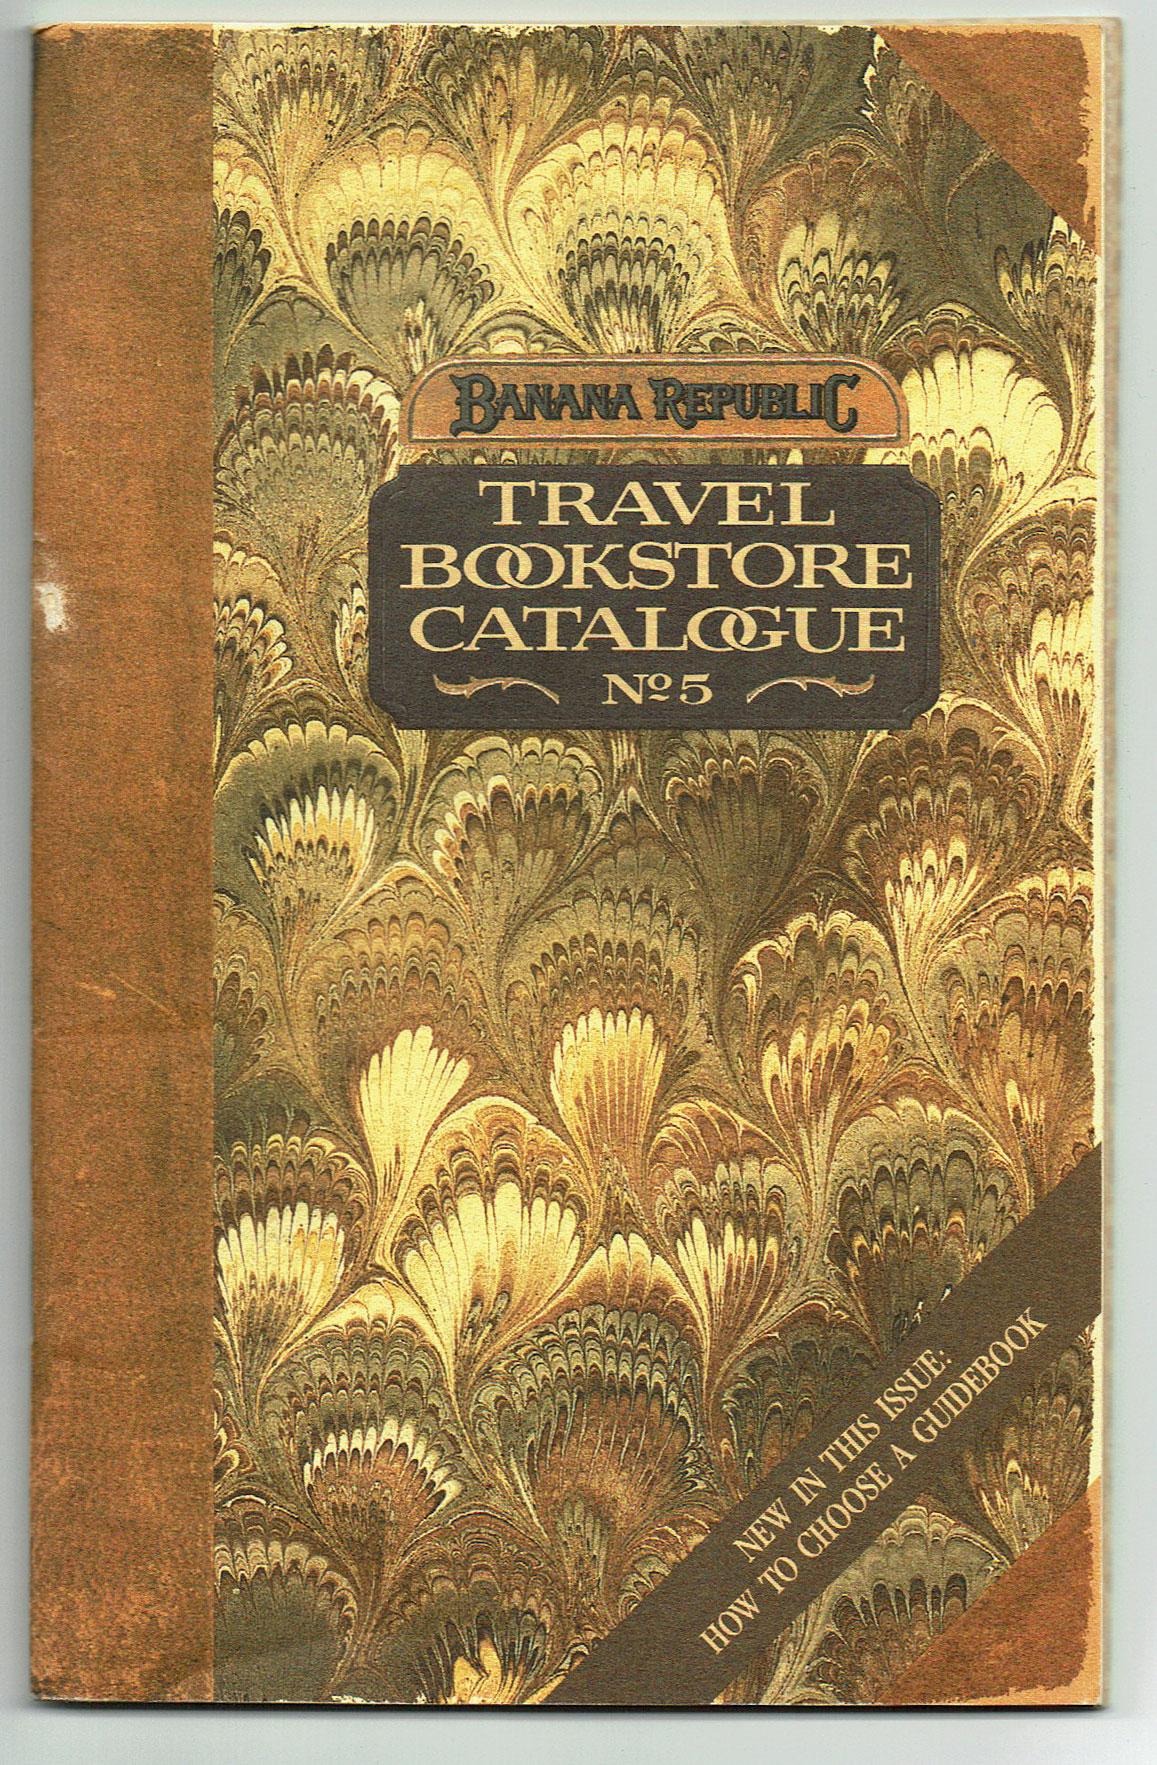 BookstoreCat04